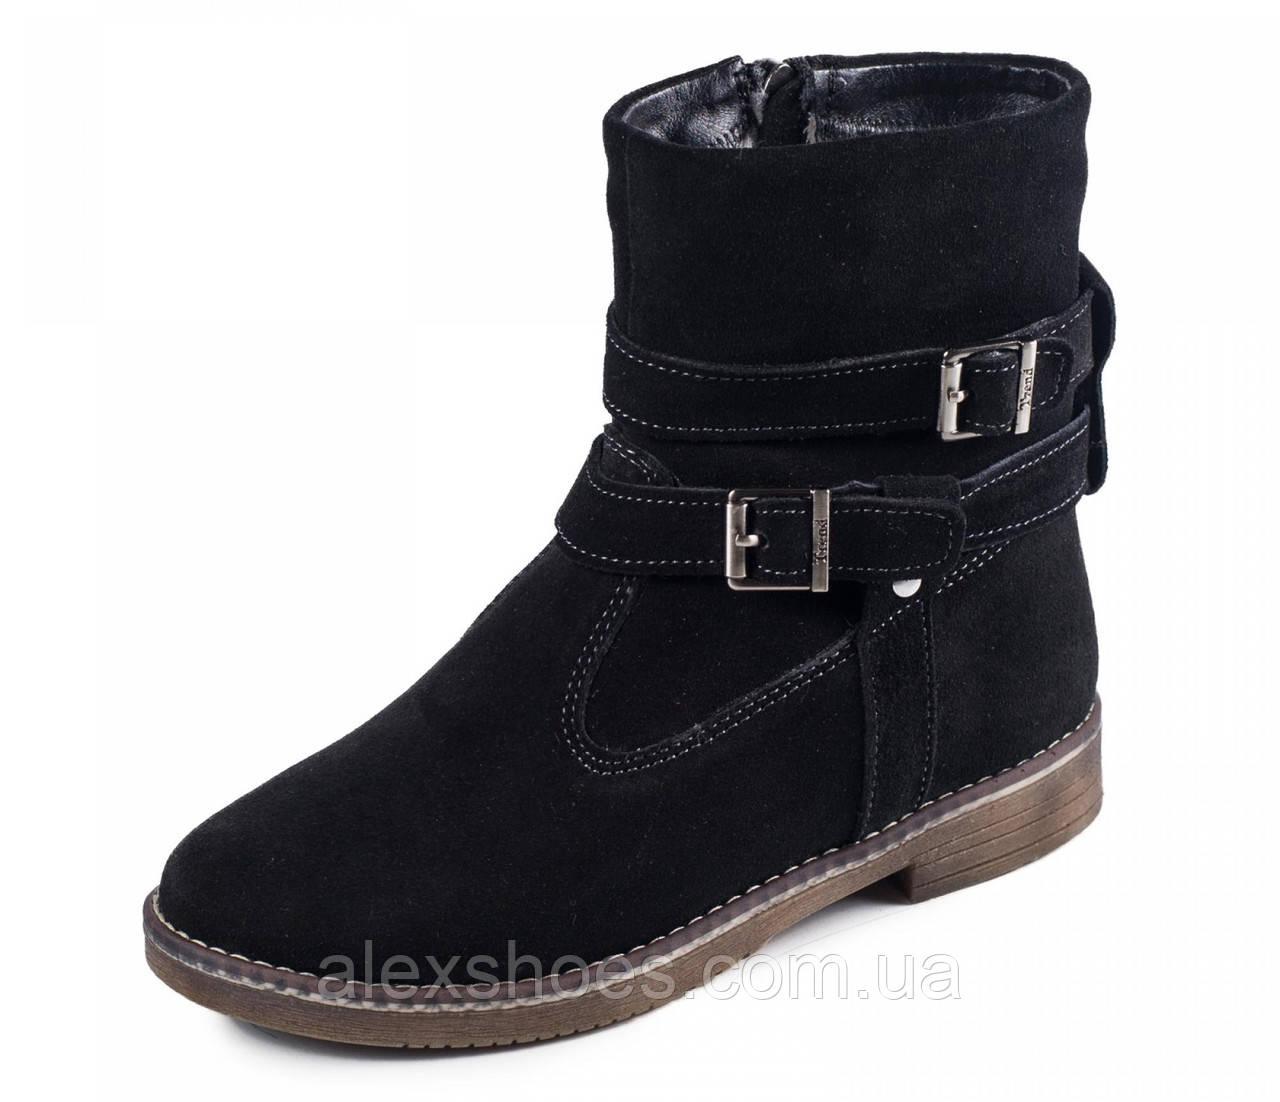 Ботинки подростковые для девочки из натуральной замши от производителя модель МАК112